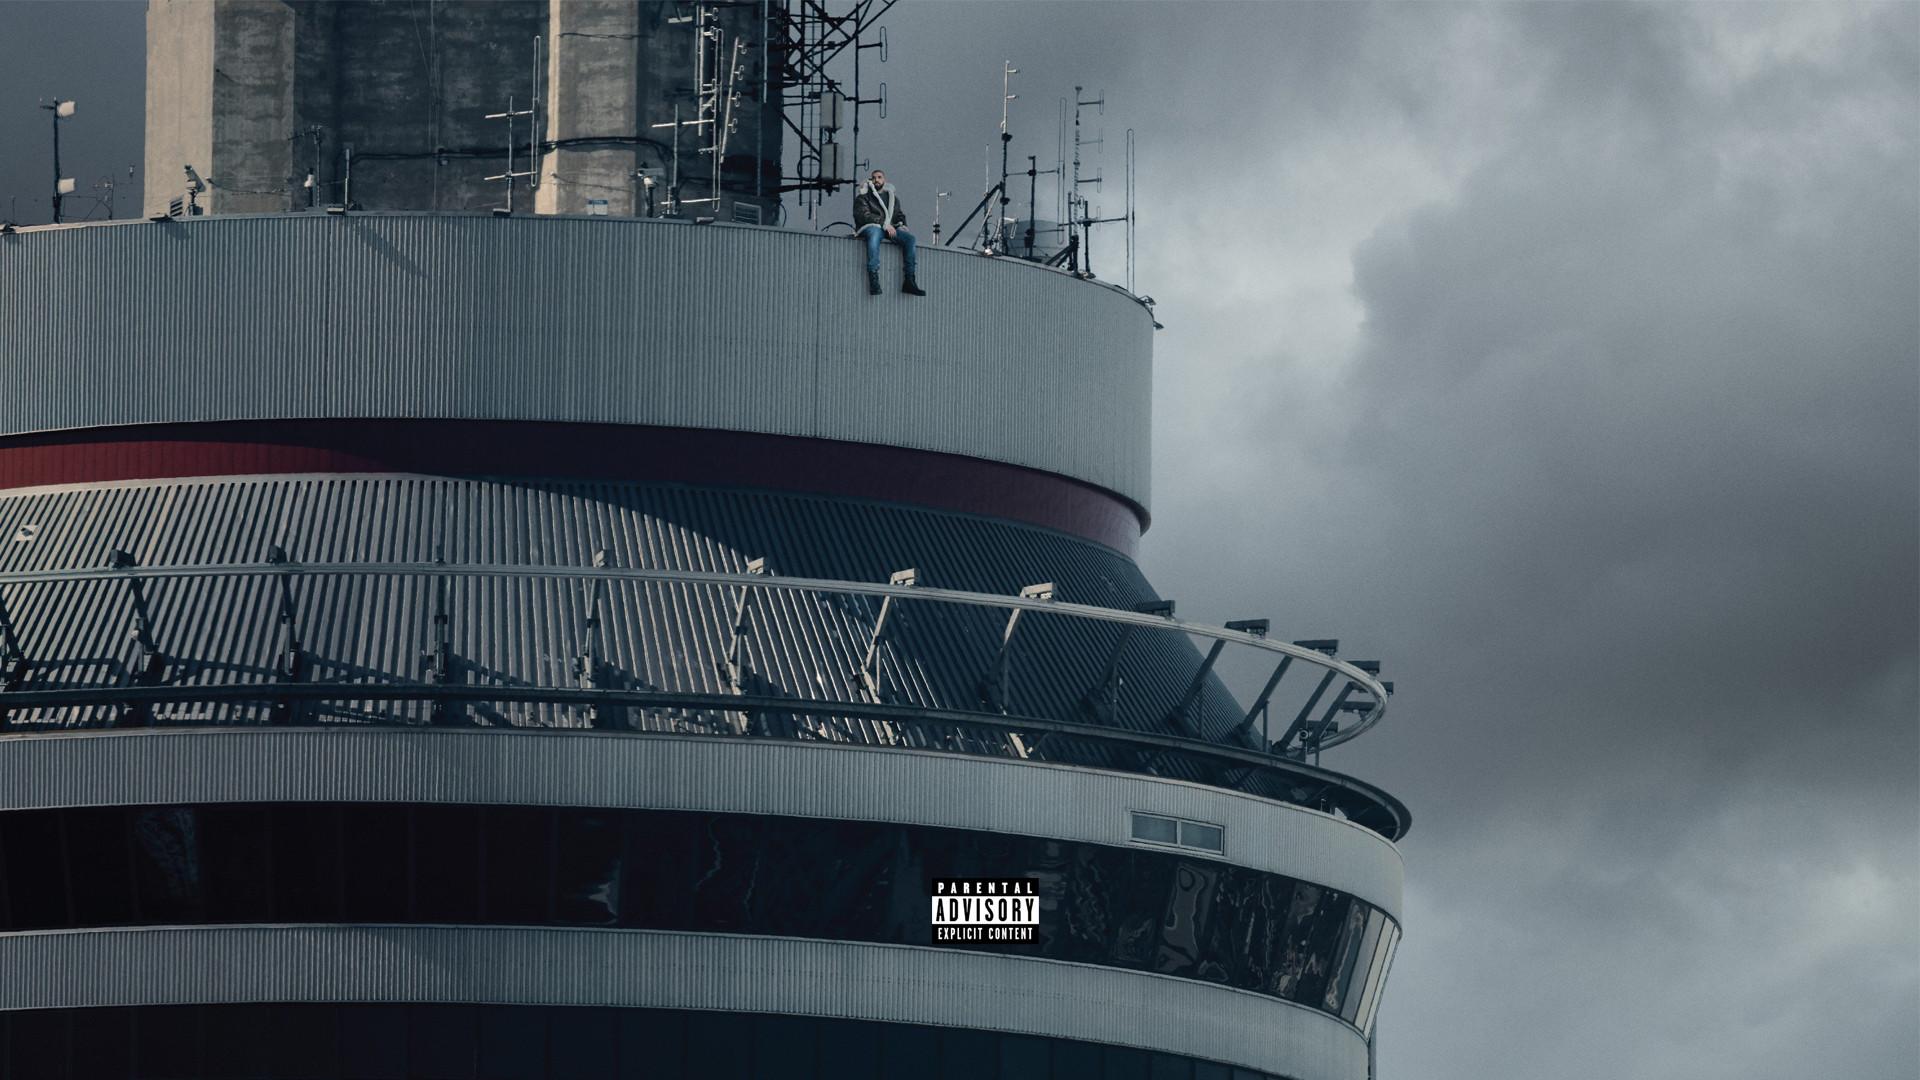 Drake Views - HD Wallpaper